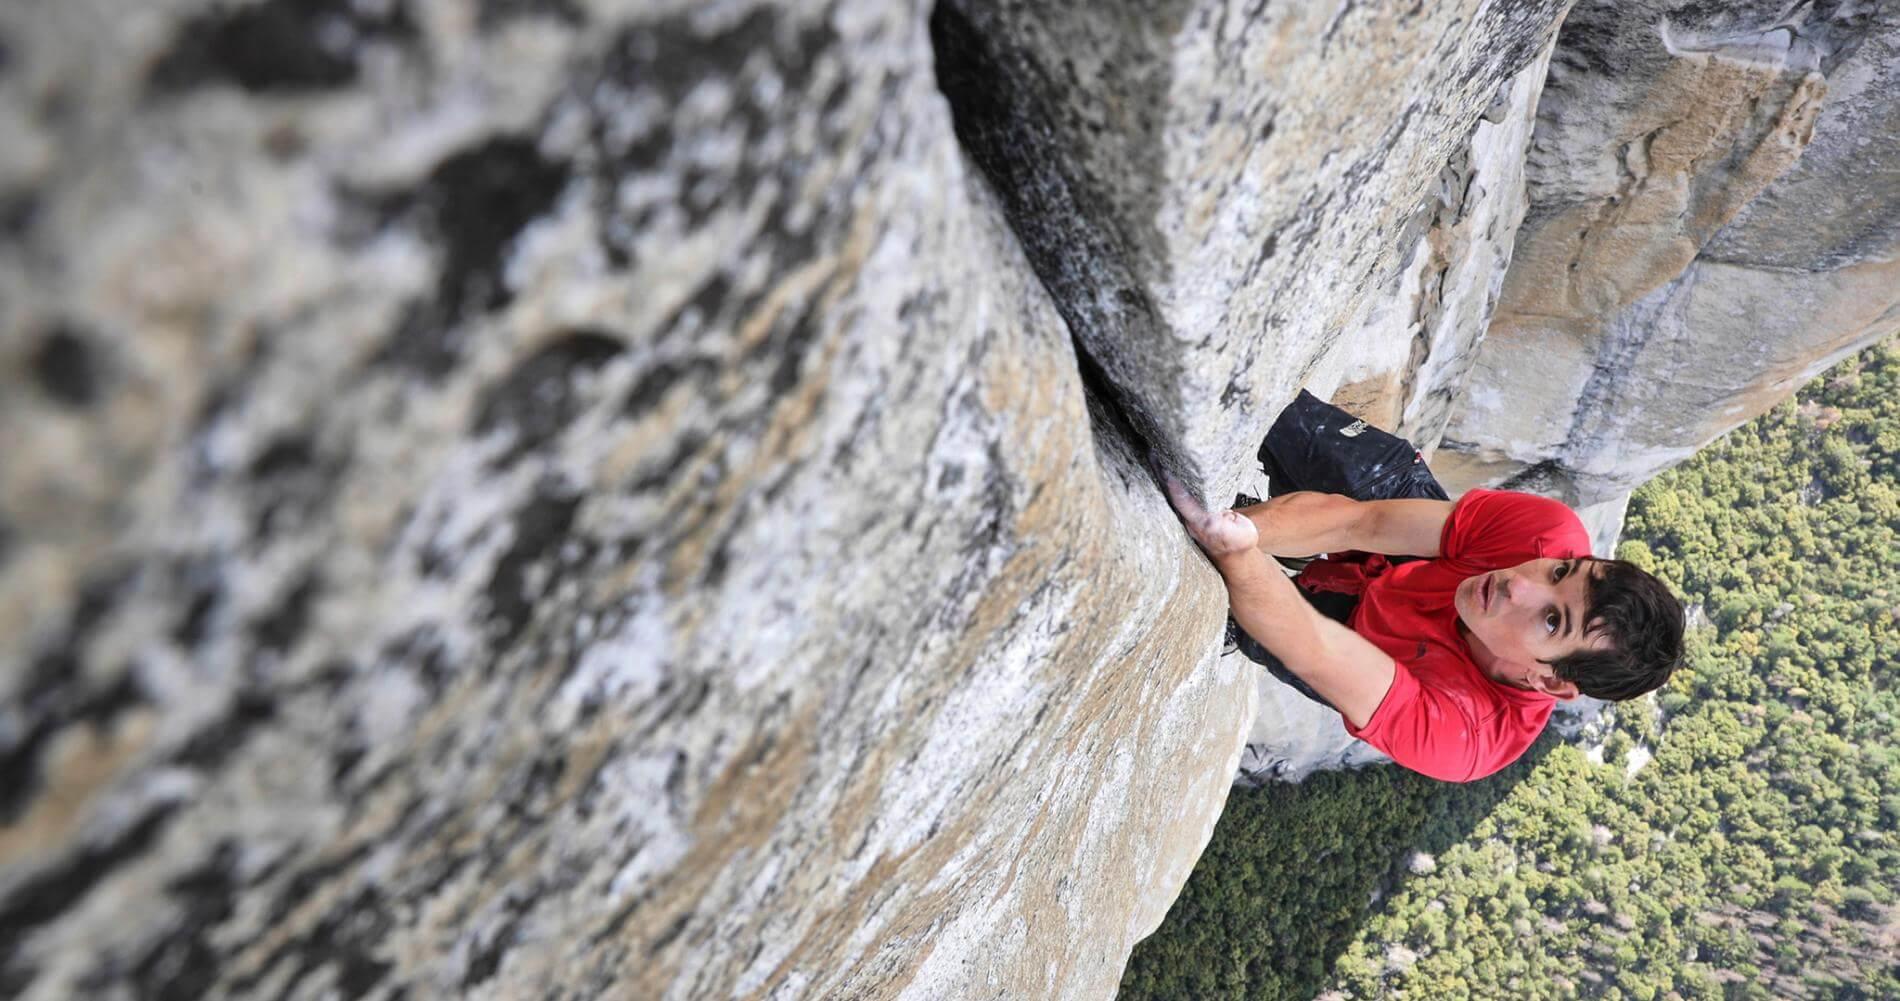 alex honnold el capitan rope free ascent 8